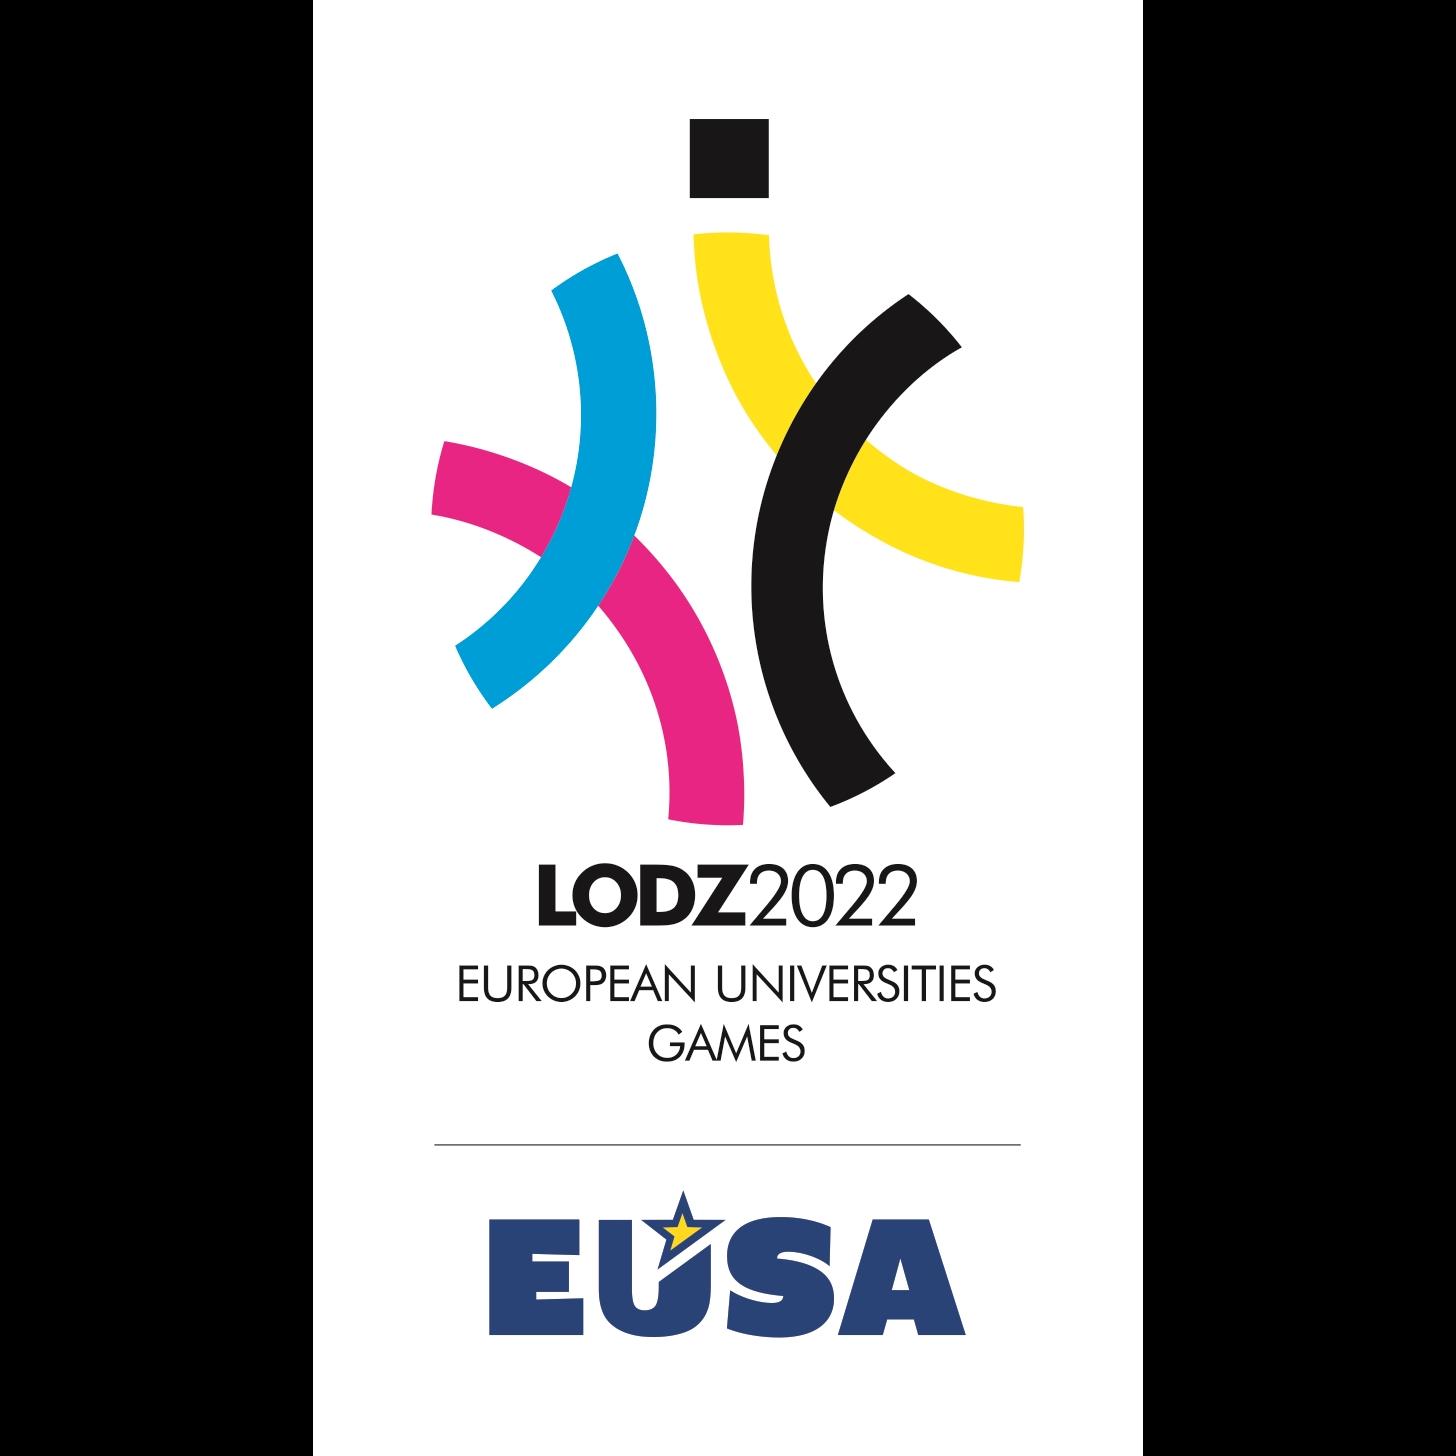 2022 European Universities Games